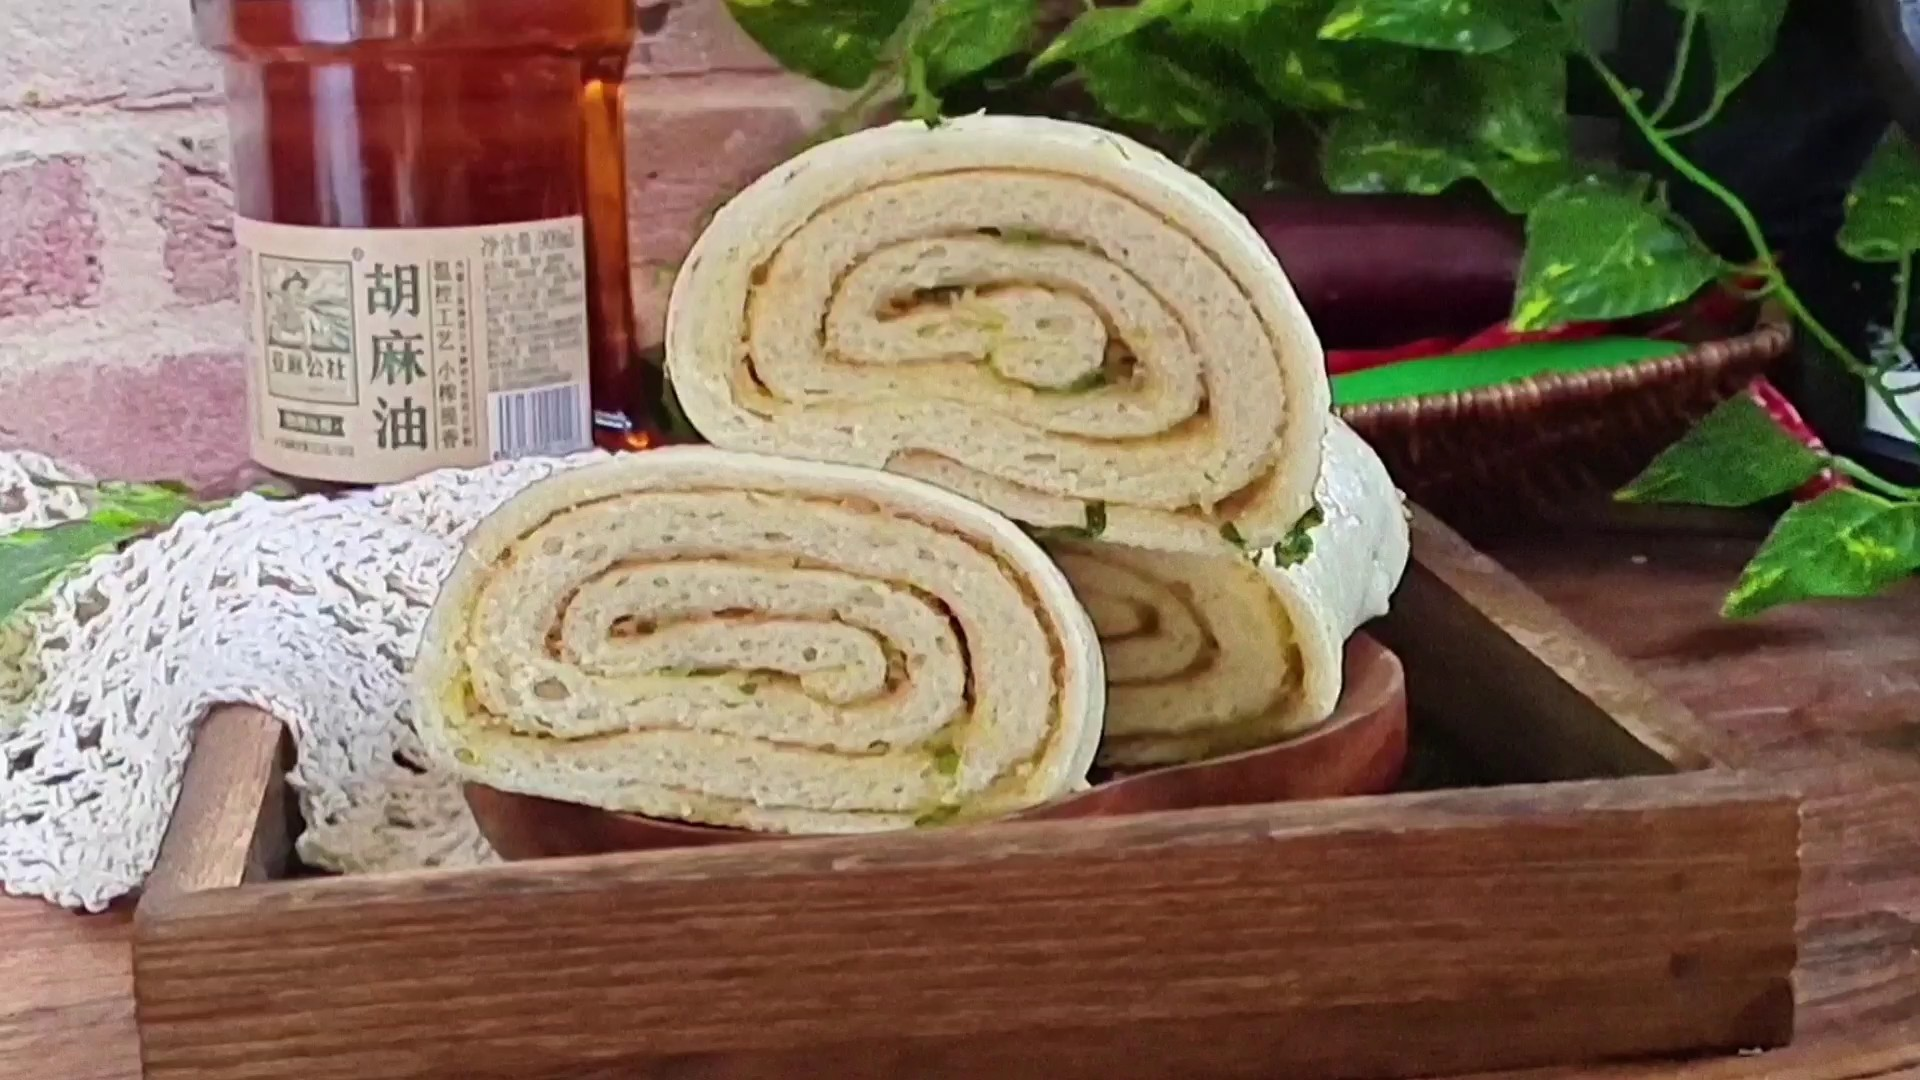 这样做花卷,简单又好吃…芝麻葱油花卷的做法